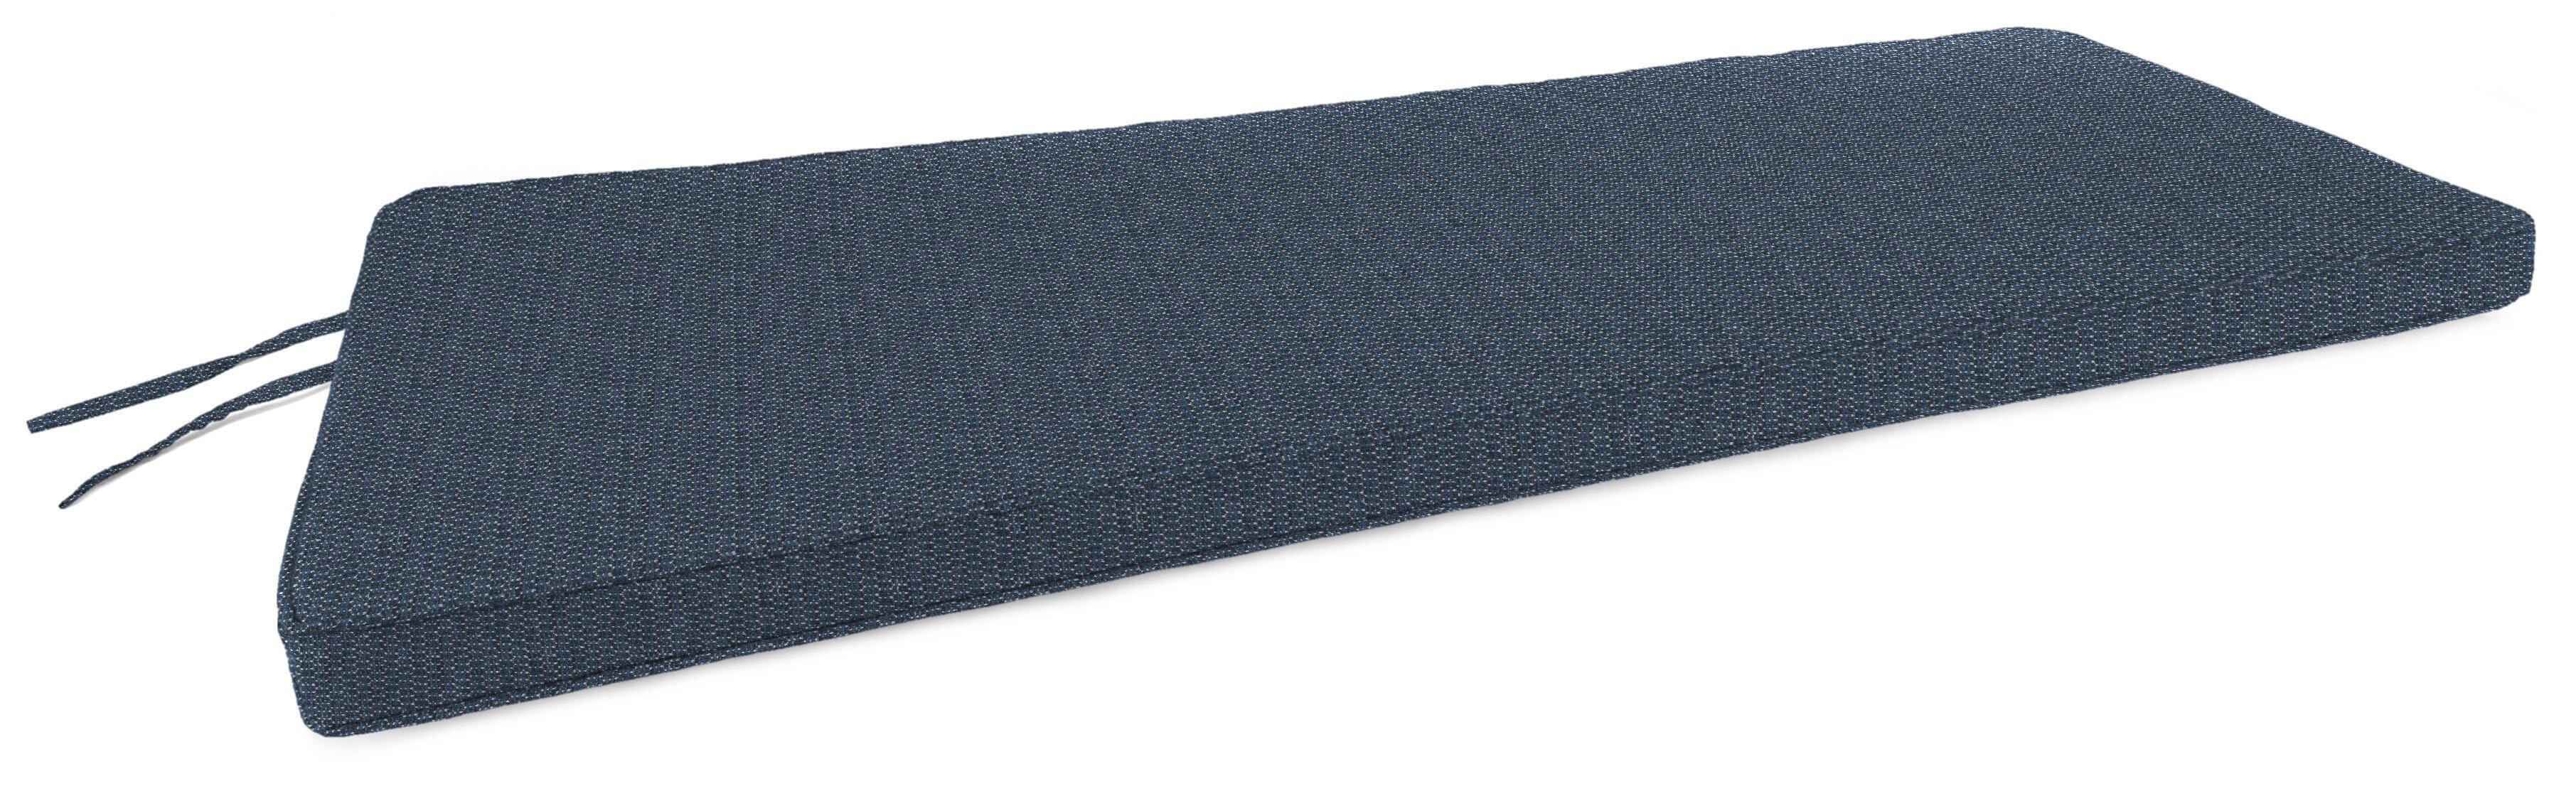 Ivy Bronx Boxed Edge Indoor Outdoor Bench Cushion Wayfair